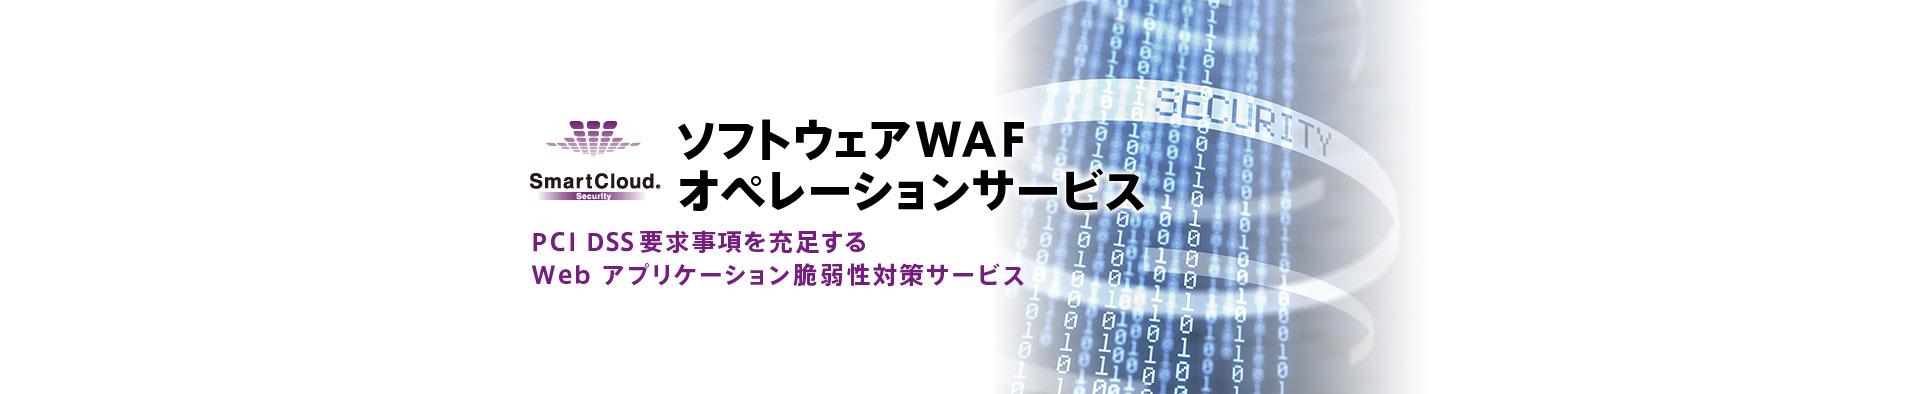 ソフトウェアWAFオペレーションサービスのイメージ